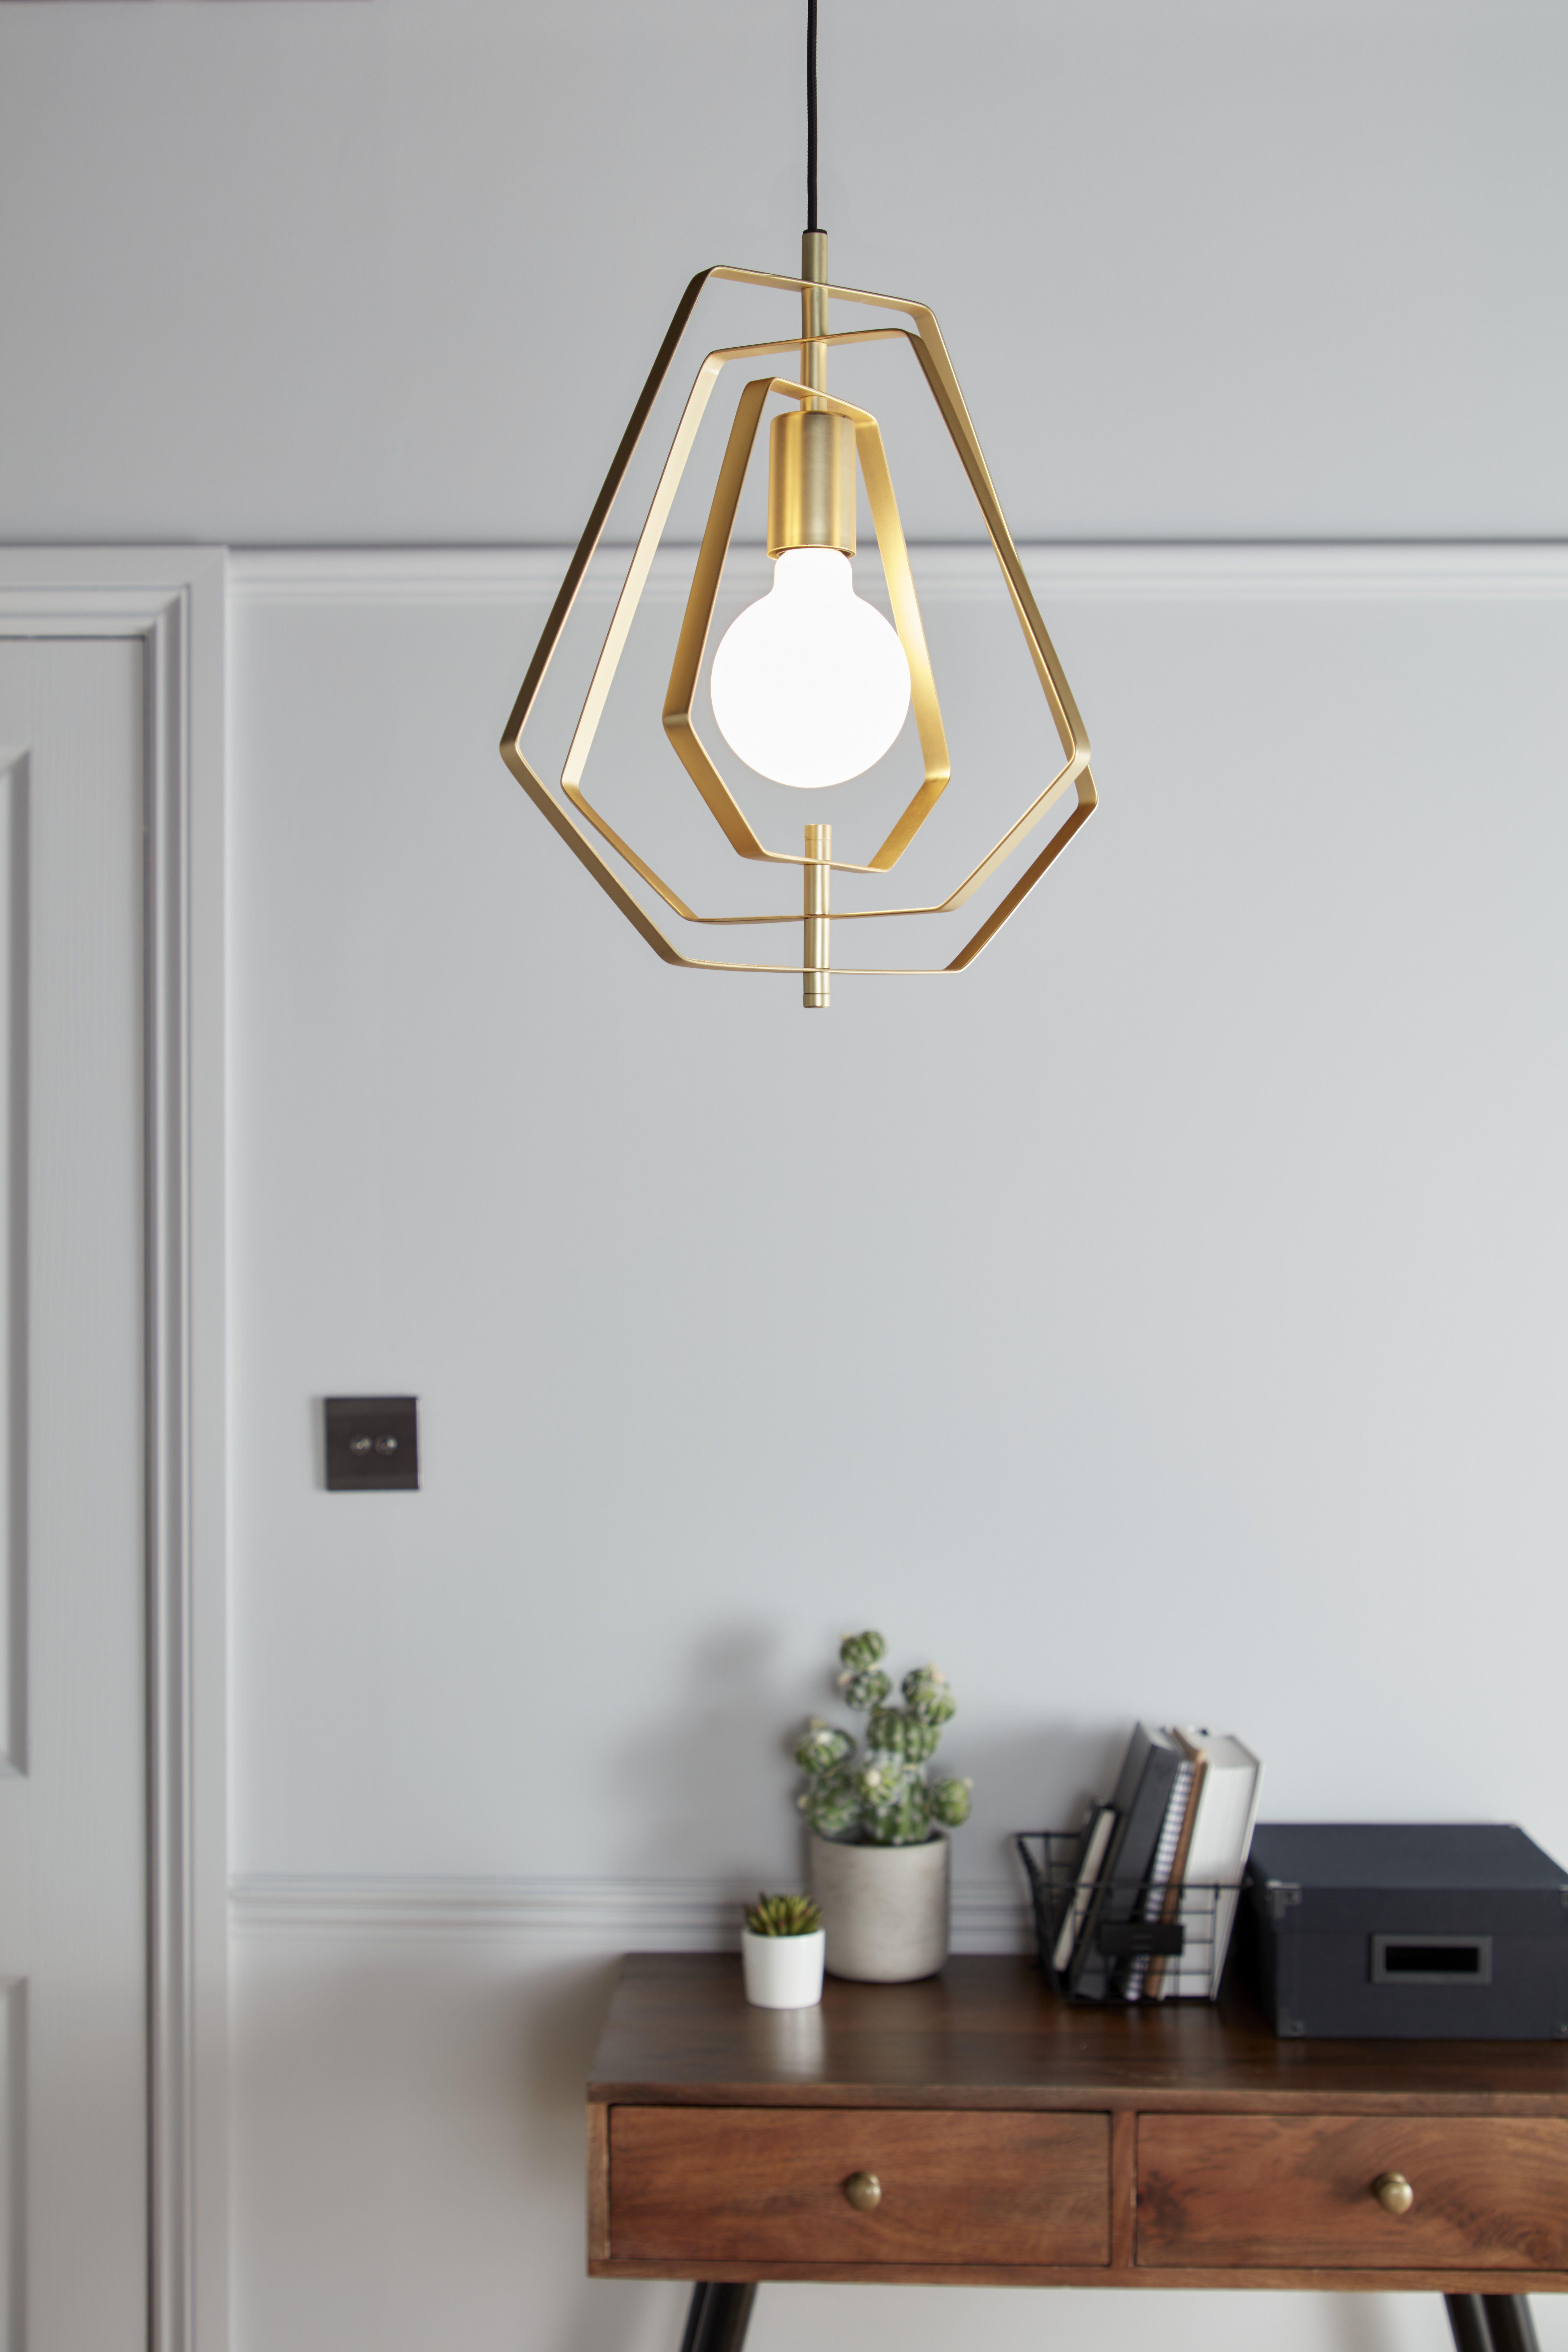 Lampa Wiszaca Goodhome Nedoki 1 Punktowa E27 35 Cm Mosiadz Lampy Wiszace Ceiling Lights Decor Goodhome